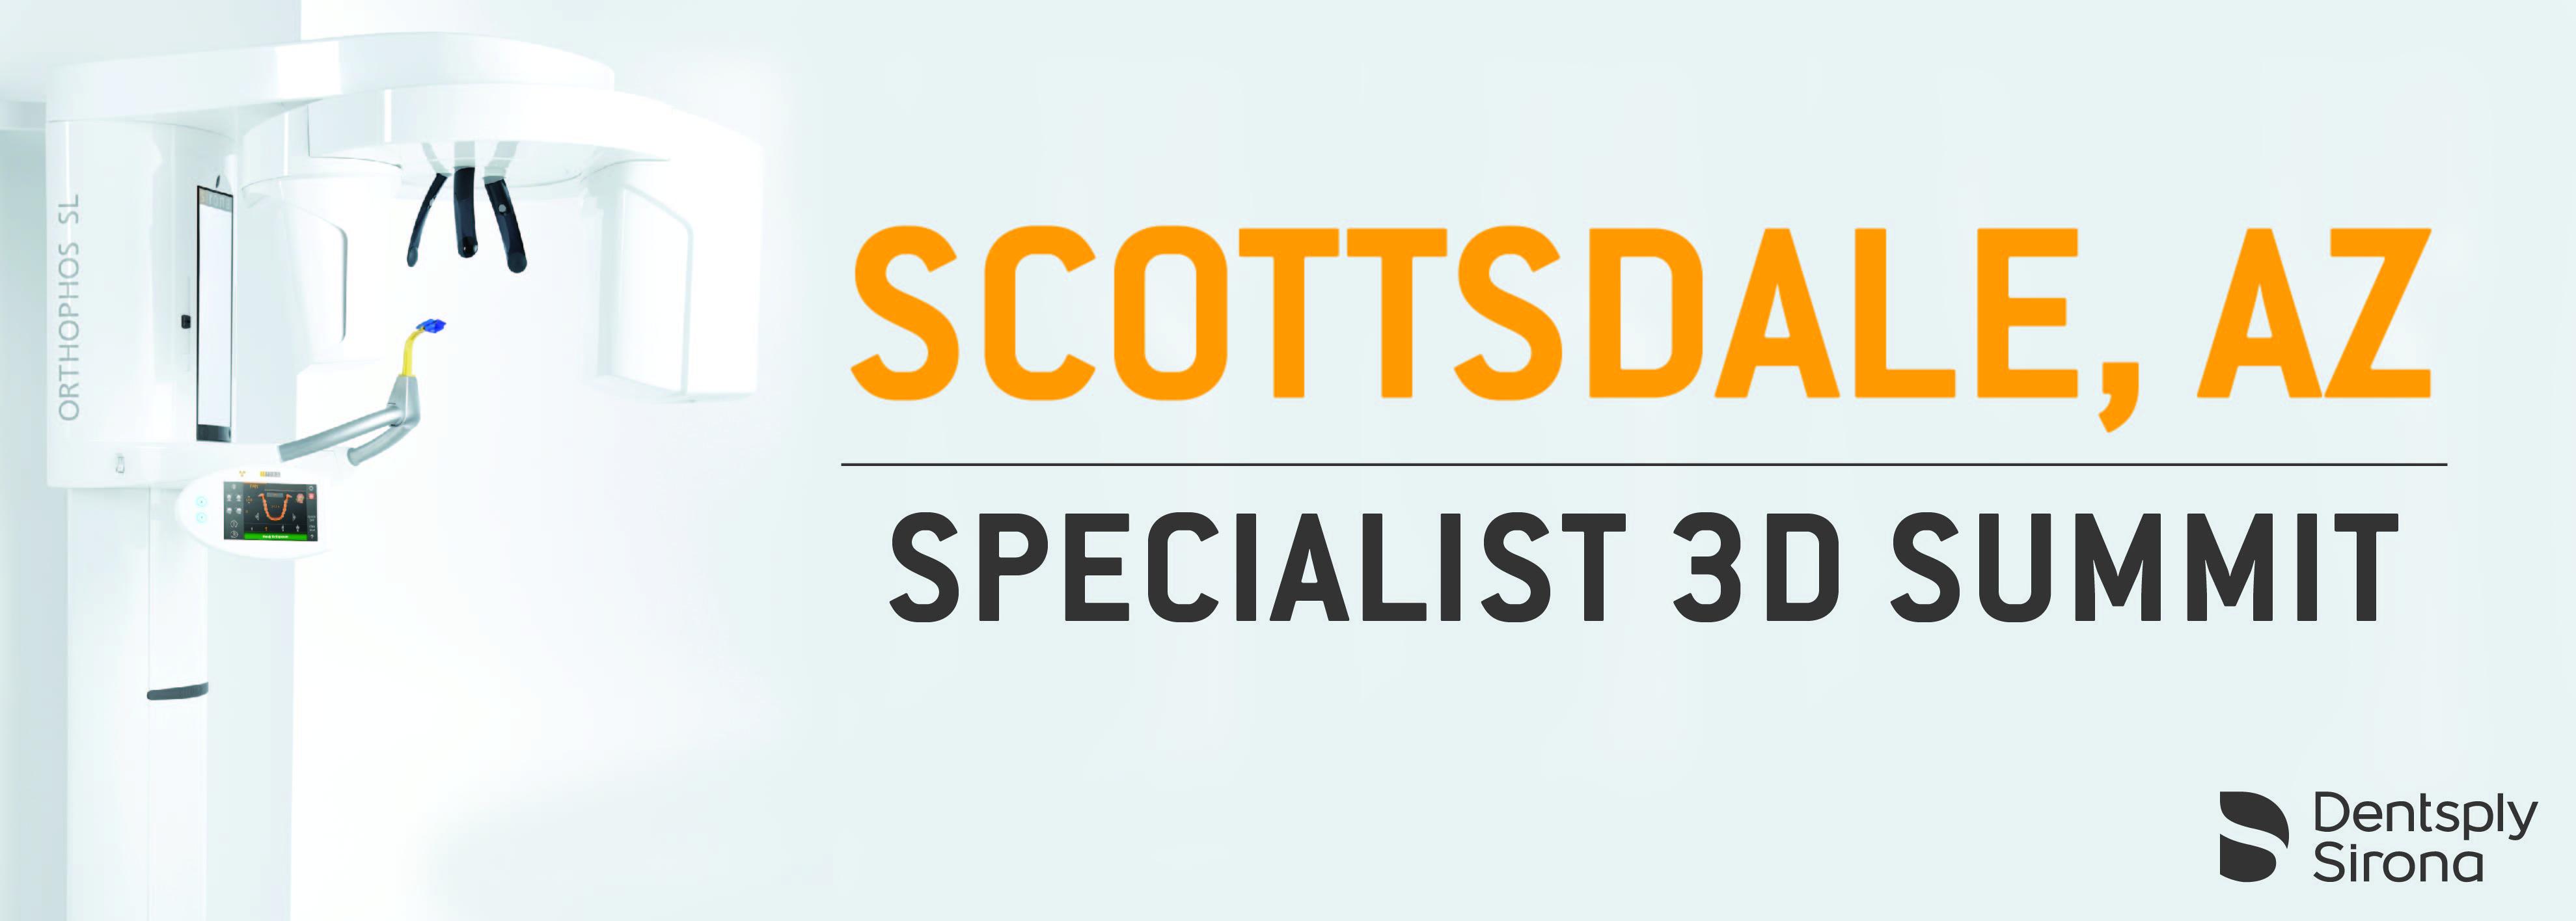 ScottsdaleSpecialistSummit-01